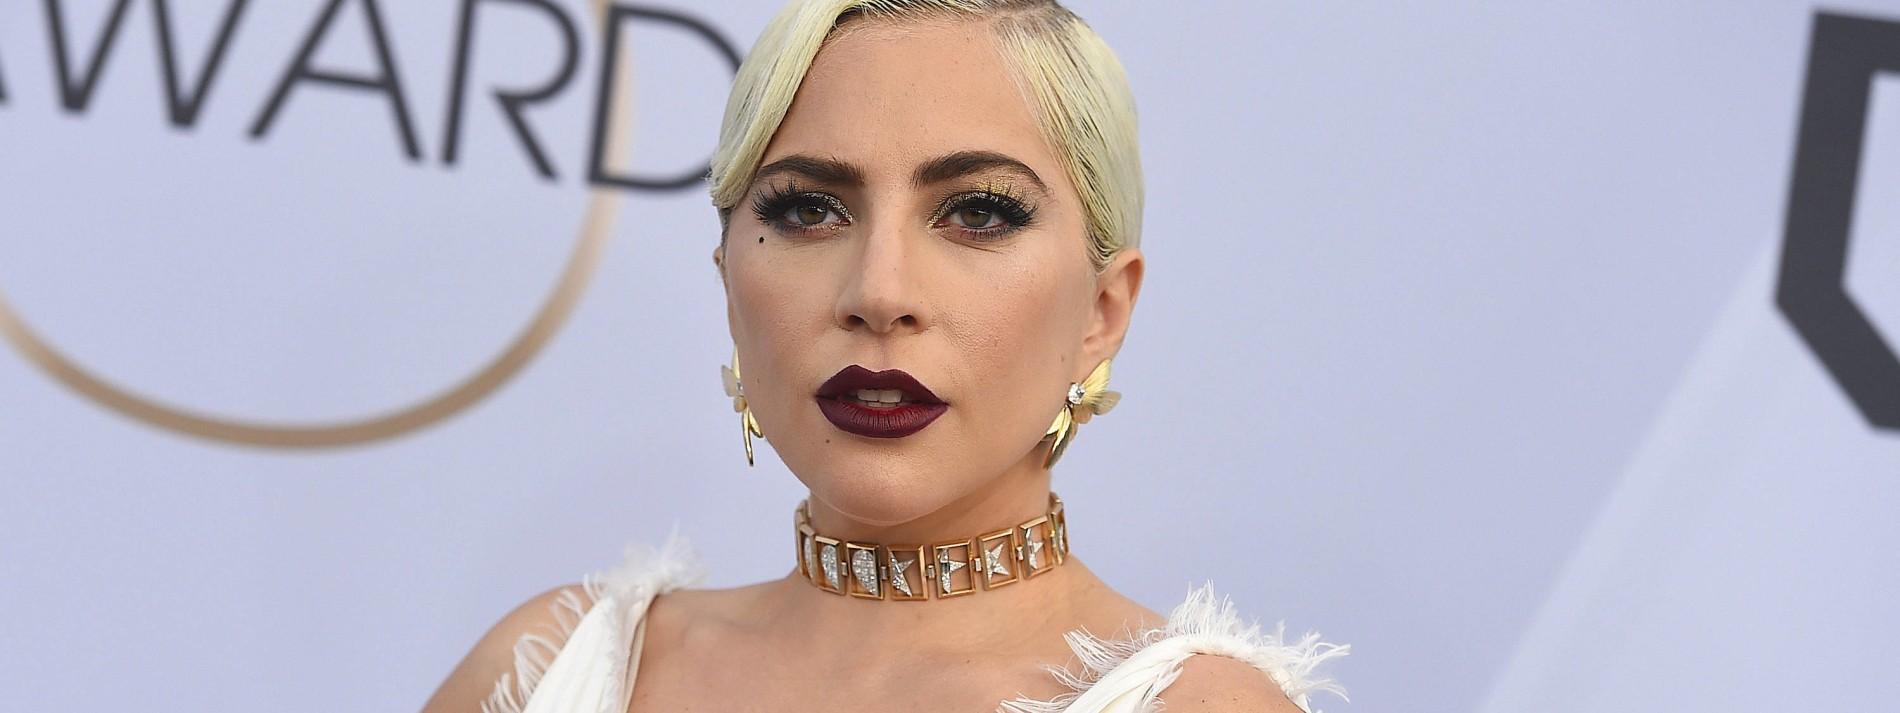 Lady Gaga bietet nach Entführung ihrer Hunde eine halbe Million Dollar Belohnung